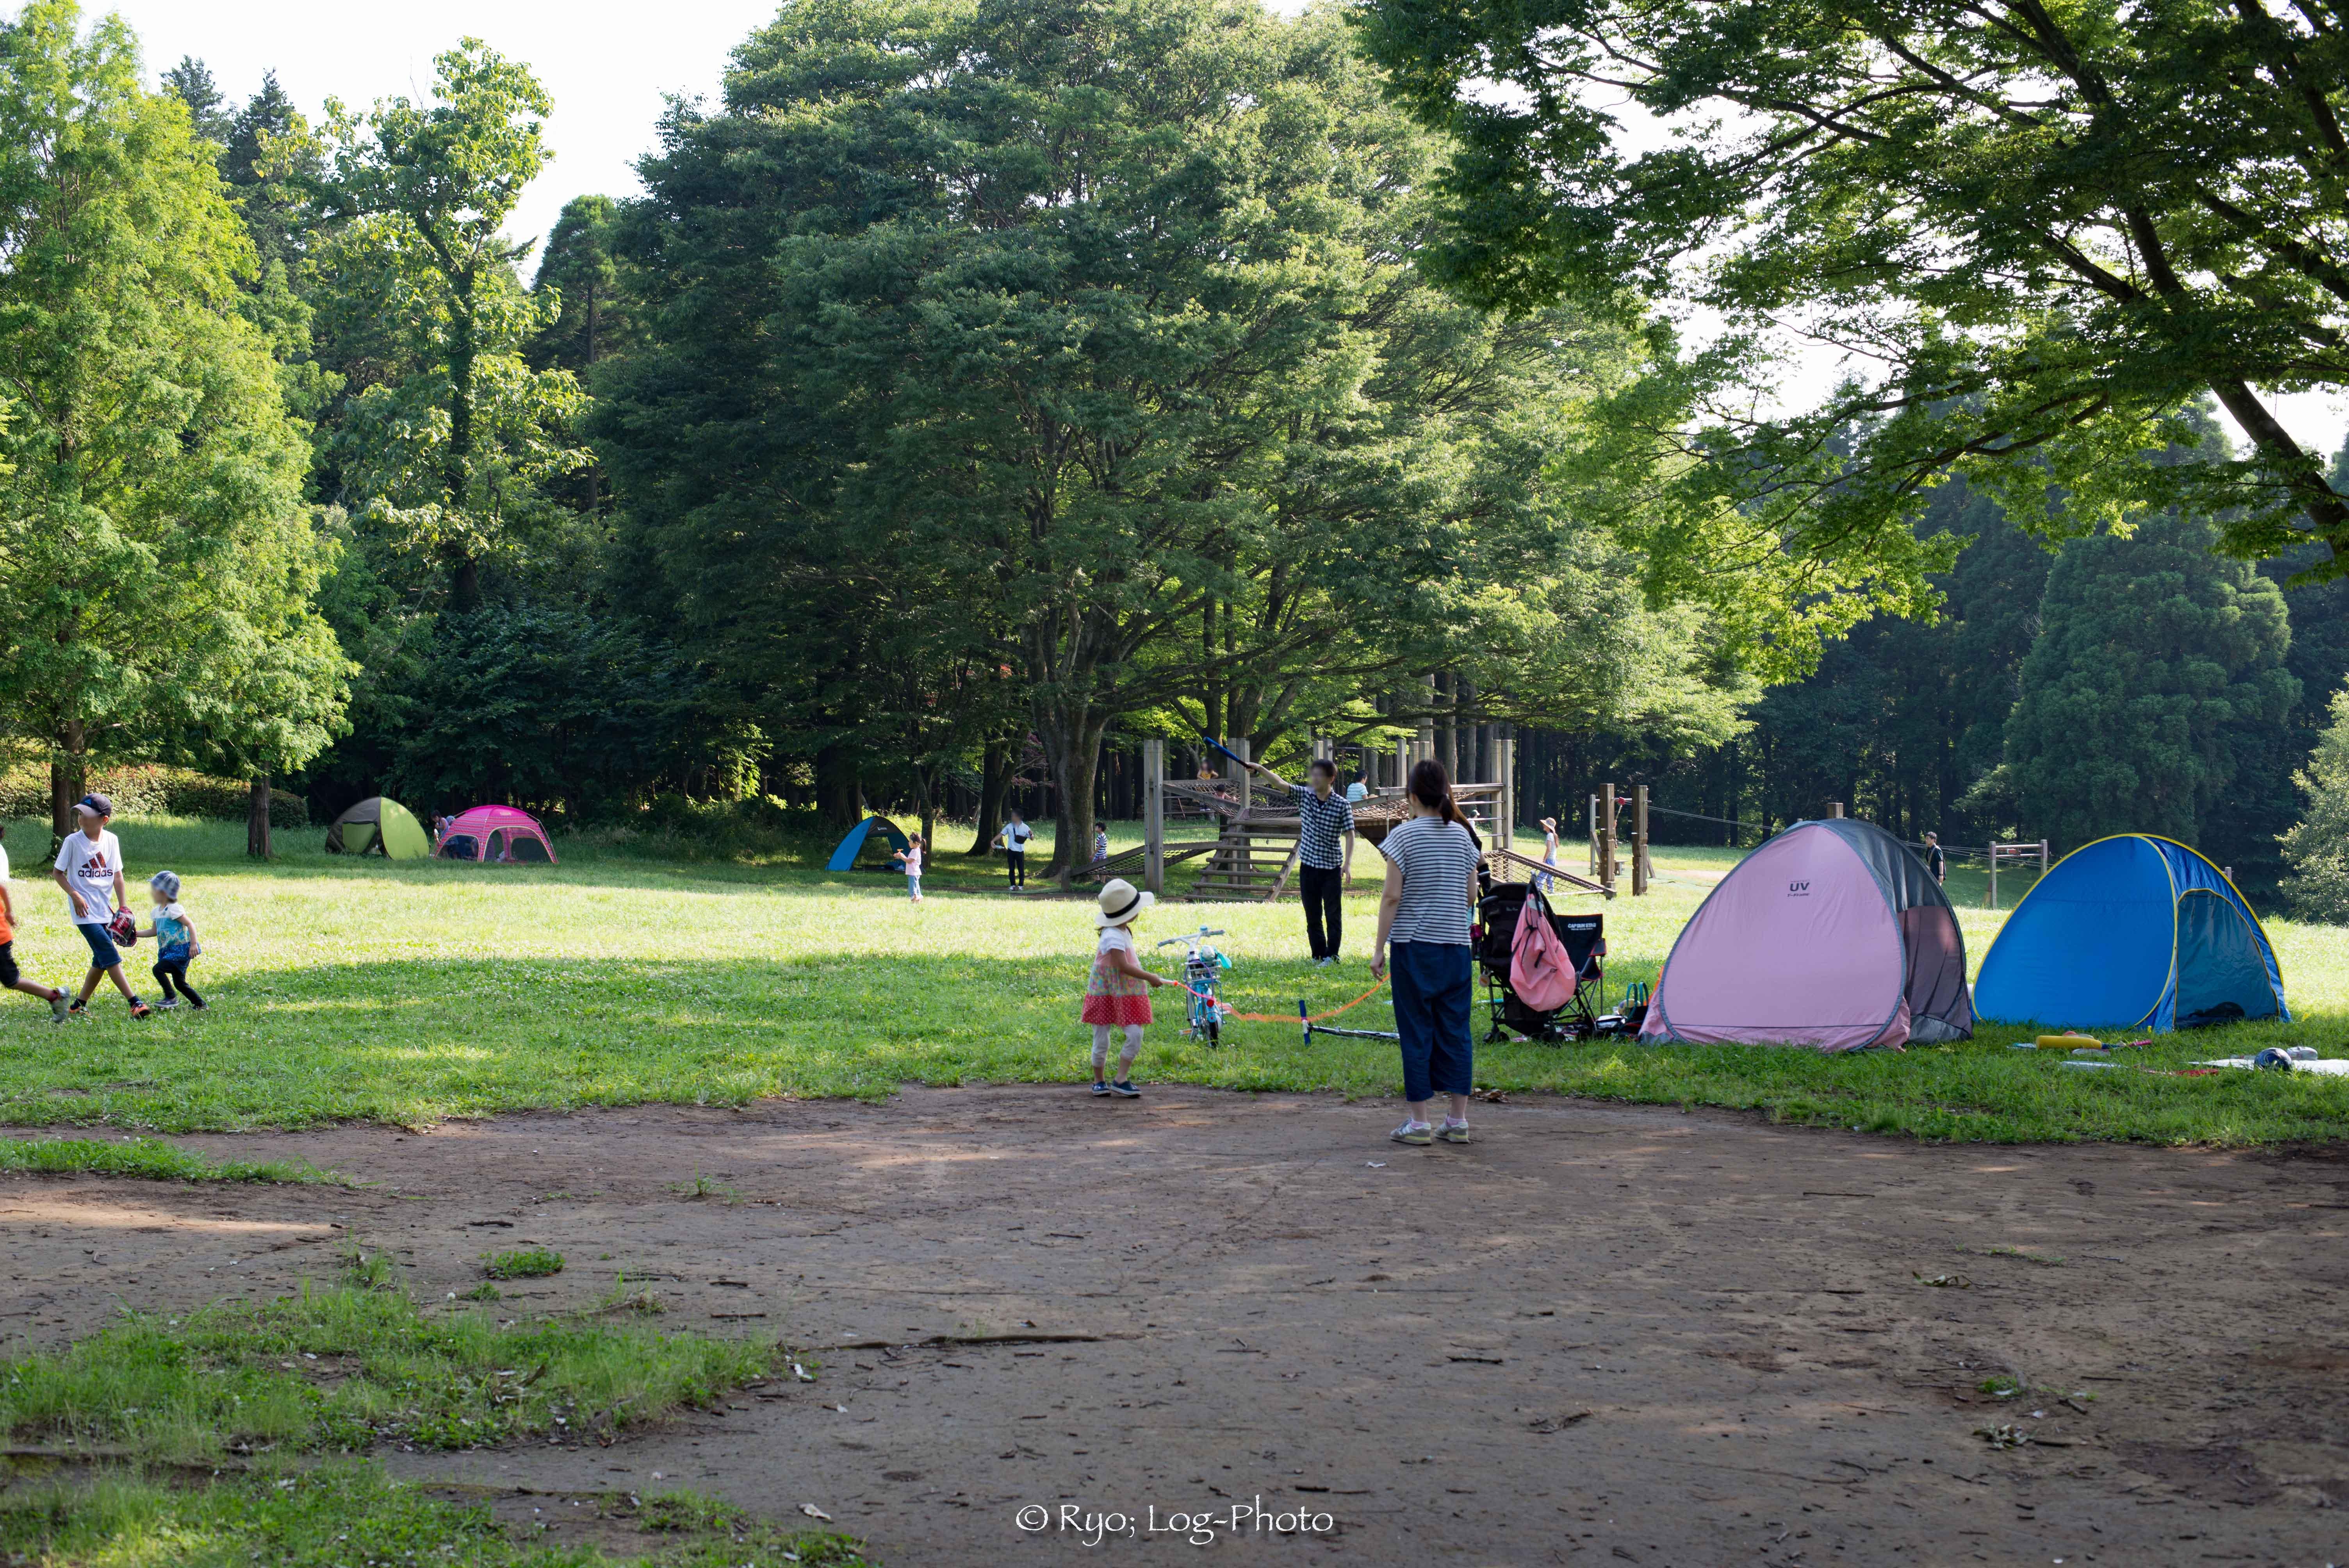 広場で遊ぶ家族がたくさん